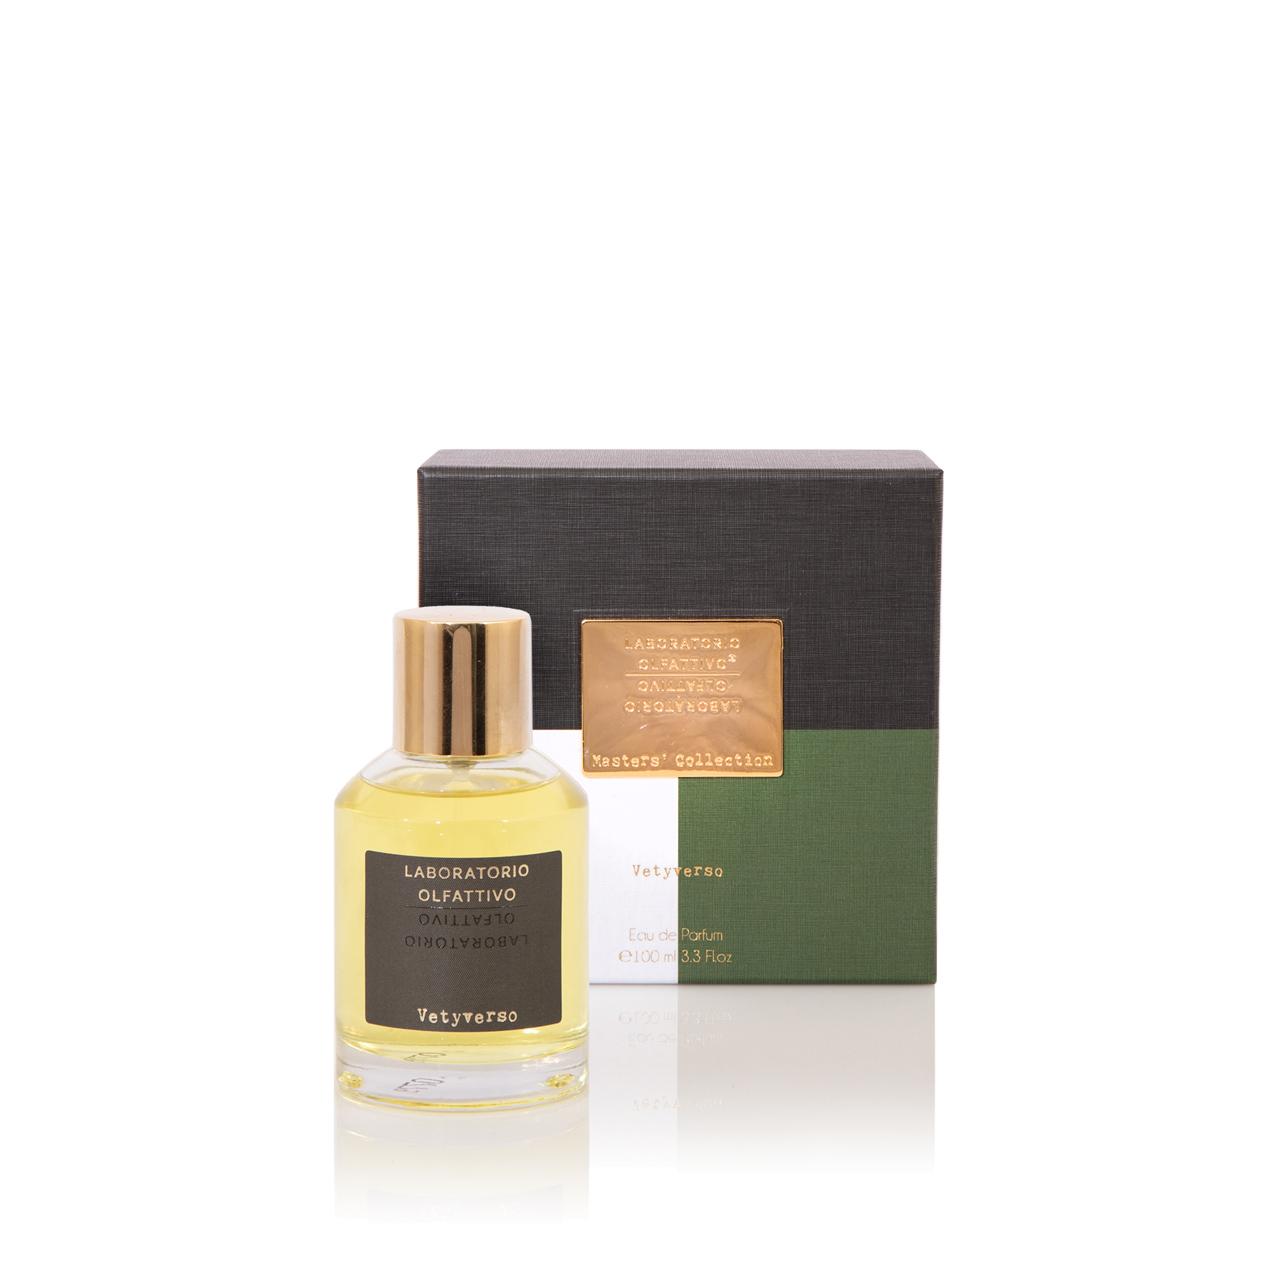 Vetyverso - Eau de Parfum